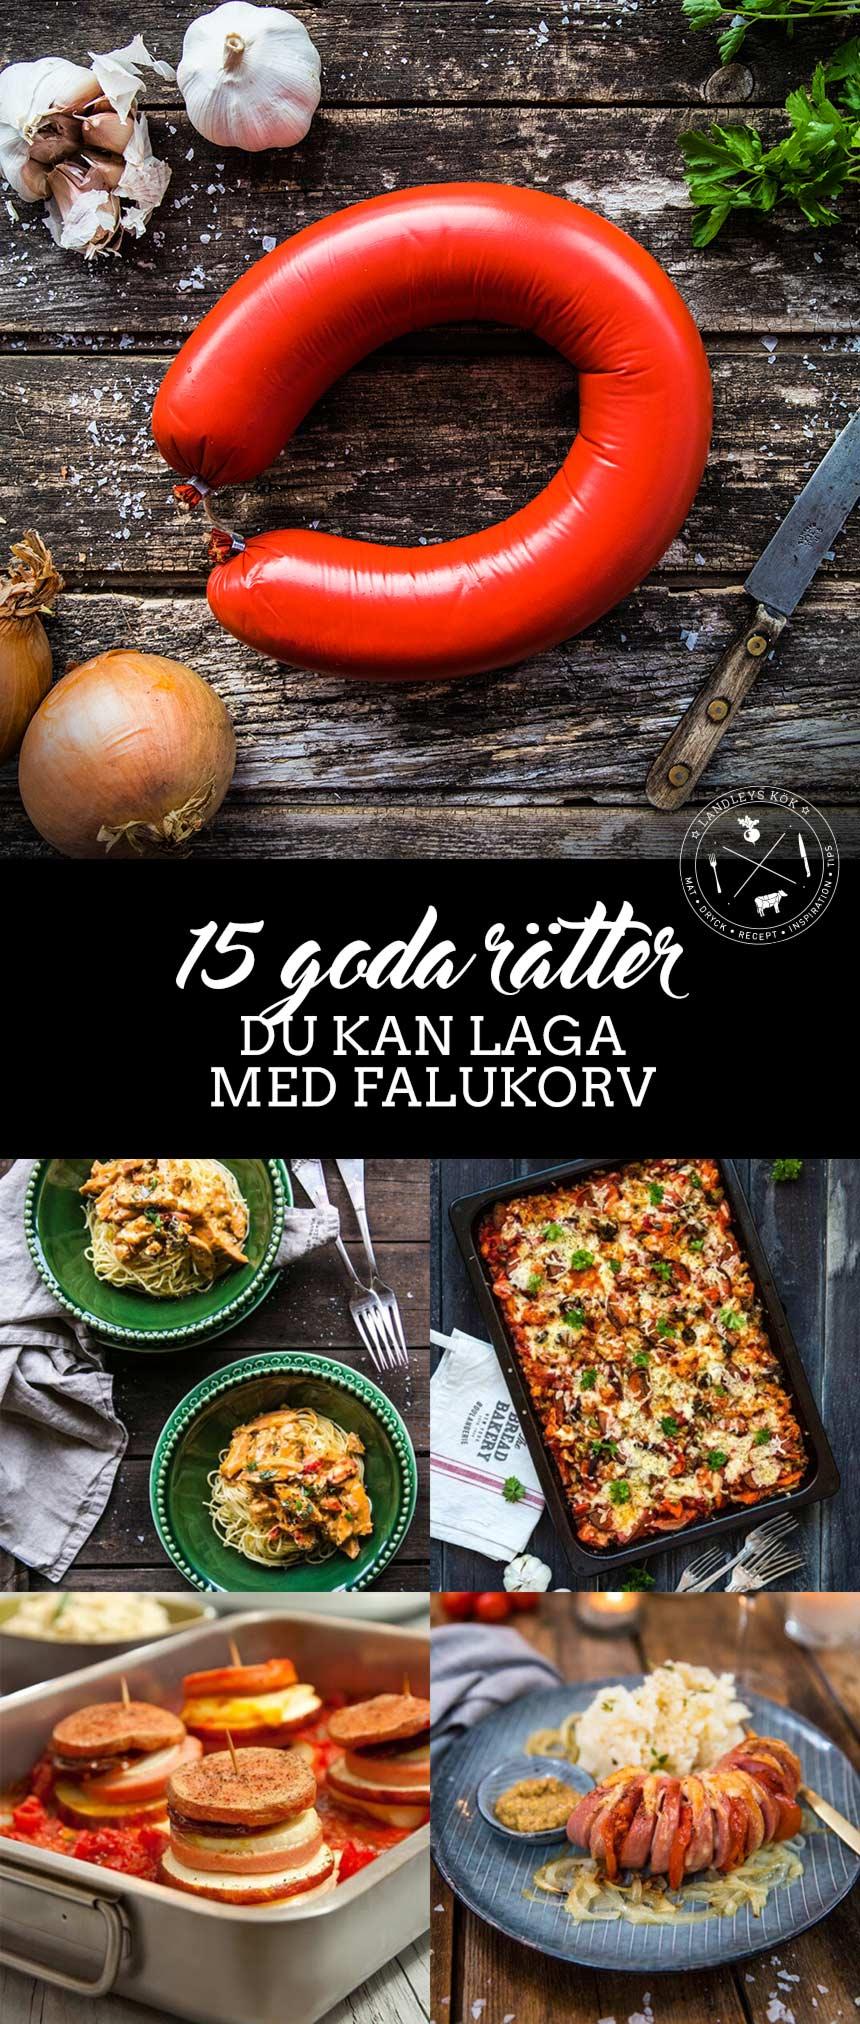 15 goda rätter du kan laga med falukorv